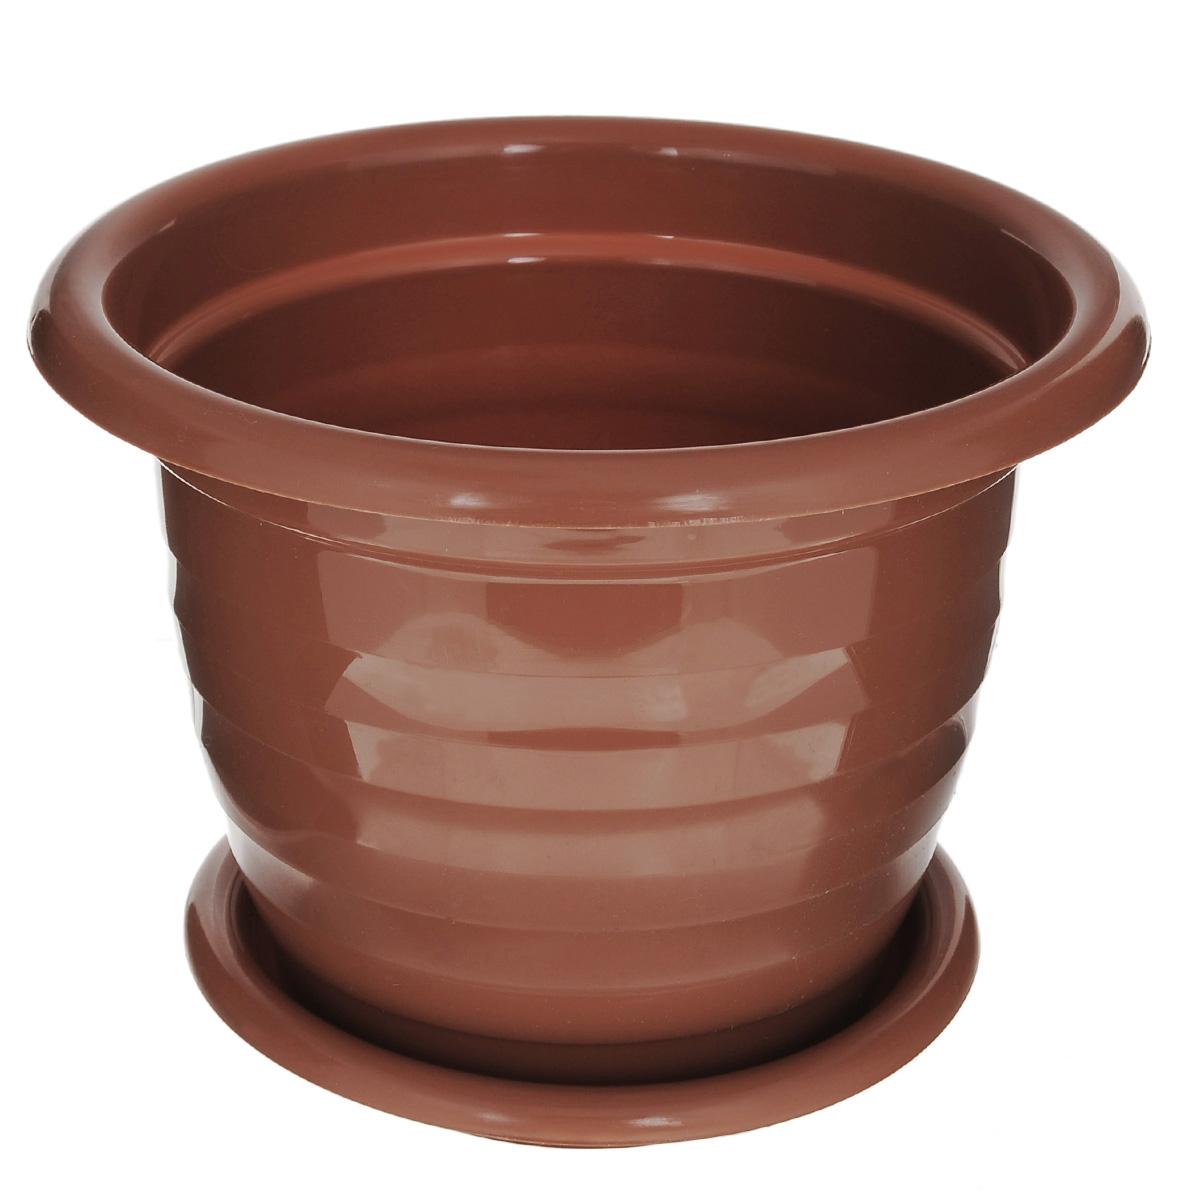 Горшок для цветов Альтернатива Виола, с поддоном, цвет: коричневый, 3,5 л, диаметр 22,5 см4840952005267Цветочный горшок Альтернатива Виола выполнен из пластика и предназначен для выращивания в нем цветов, растений и трав.Такой горшок порадует вас современным дизайном и функциональностью, а также оригинально украсит интерьер помещения. К горшку прилагается поддон.